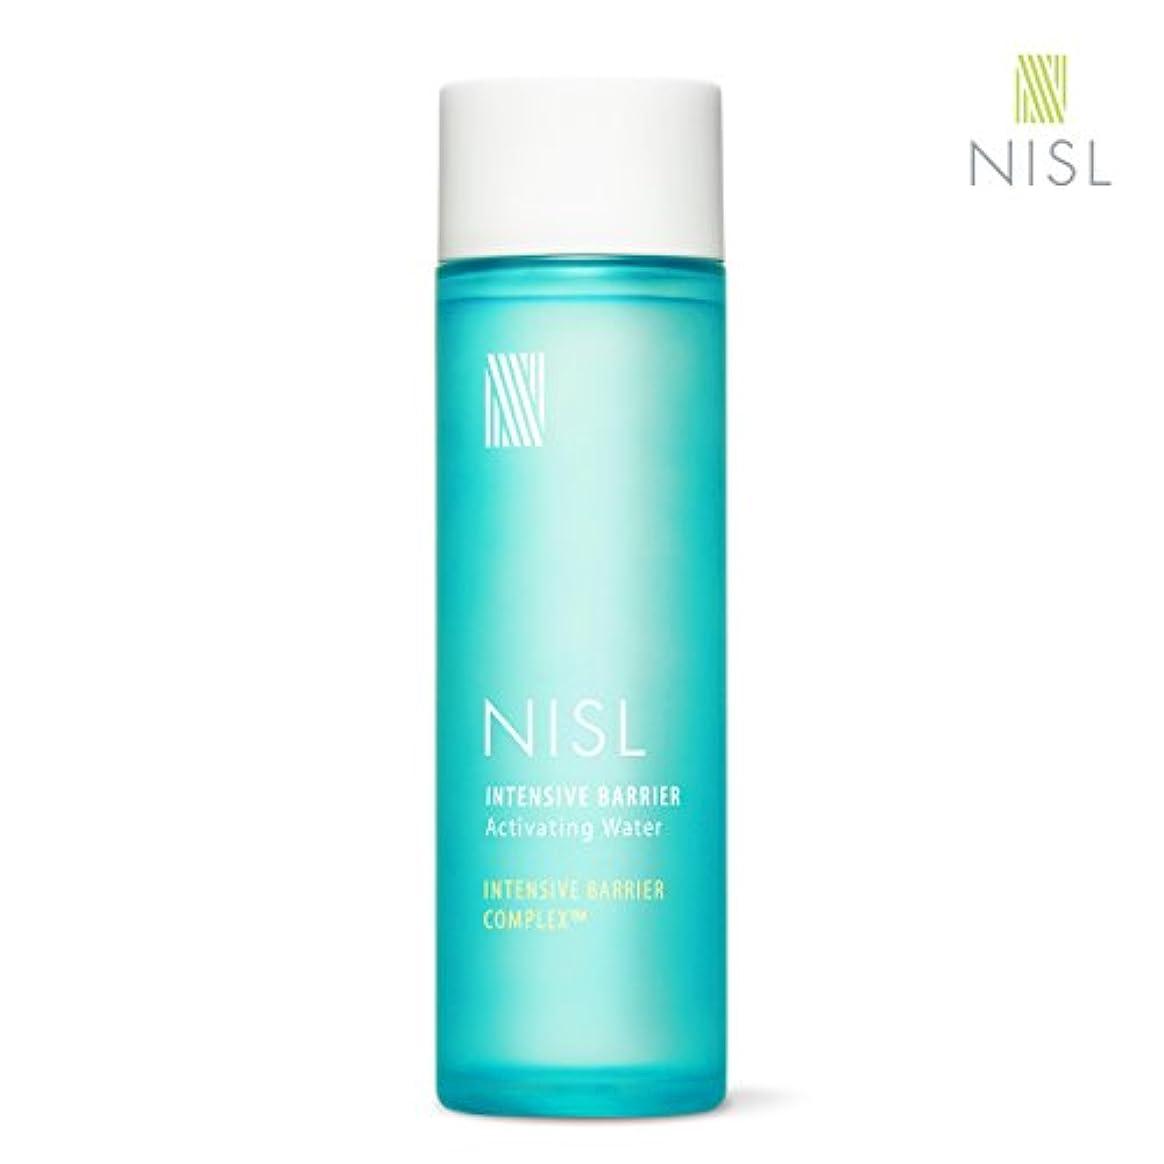 不調和健康的どこにでも【 NISL 】 ナチュラルインテンシブバリアアクティベーティングウォーター 化粧水 韓国コスメ 150ml